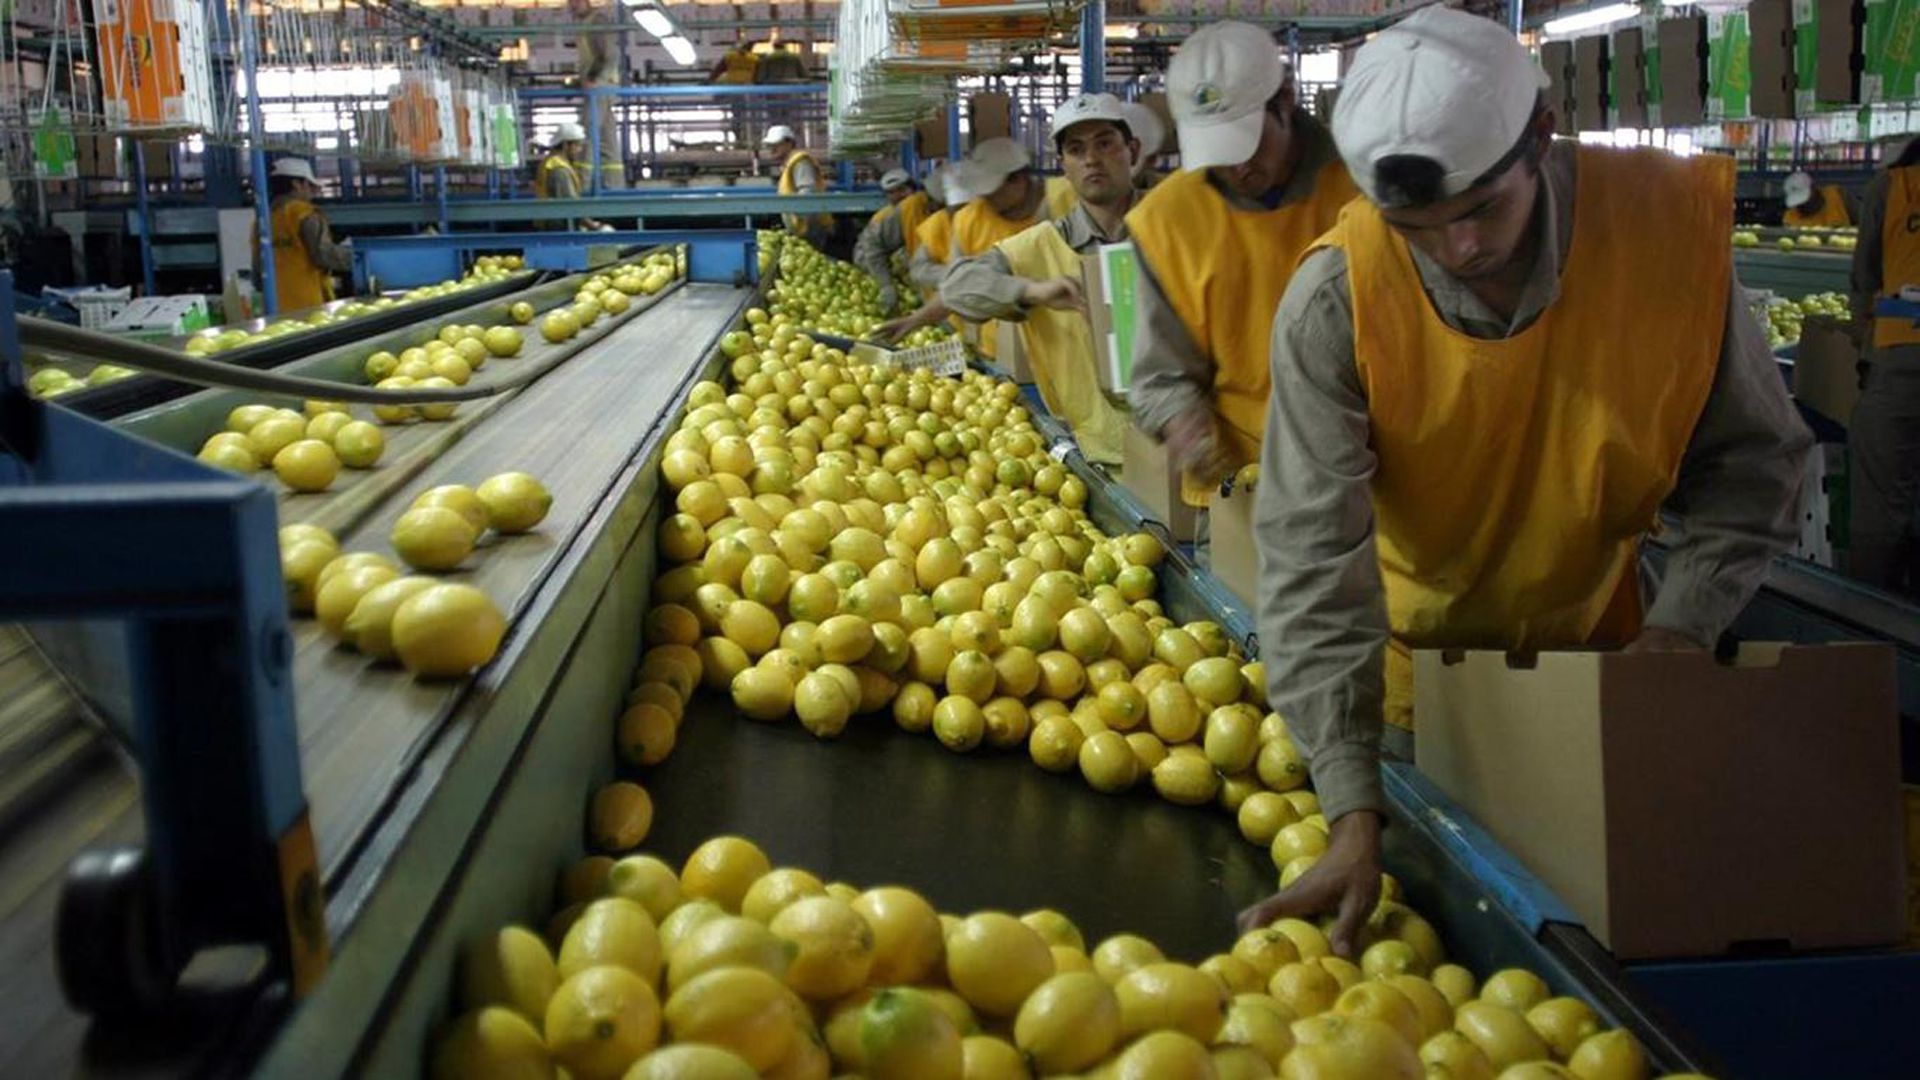 Comienza la auditoría de la Unión Europea, con el objetivo de volver a autorizar el ingreso de limones y naranjas provenientes de la Argentina